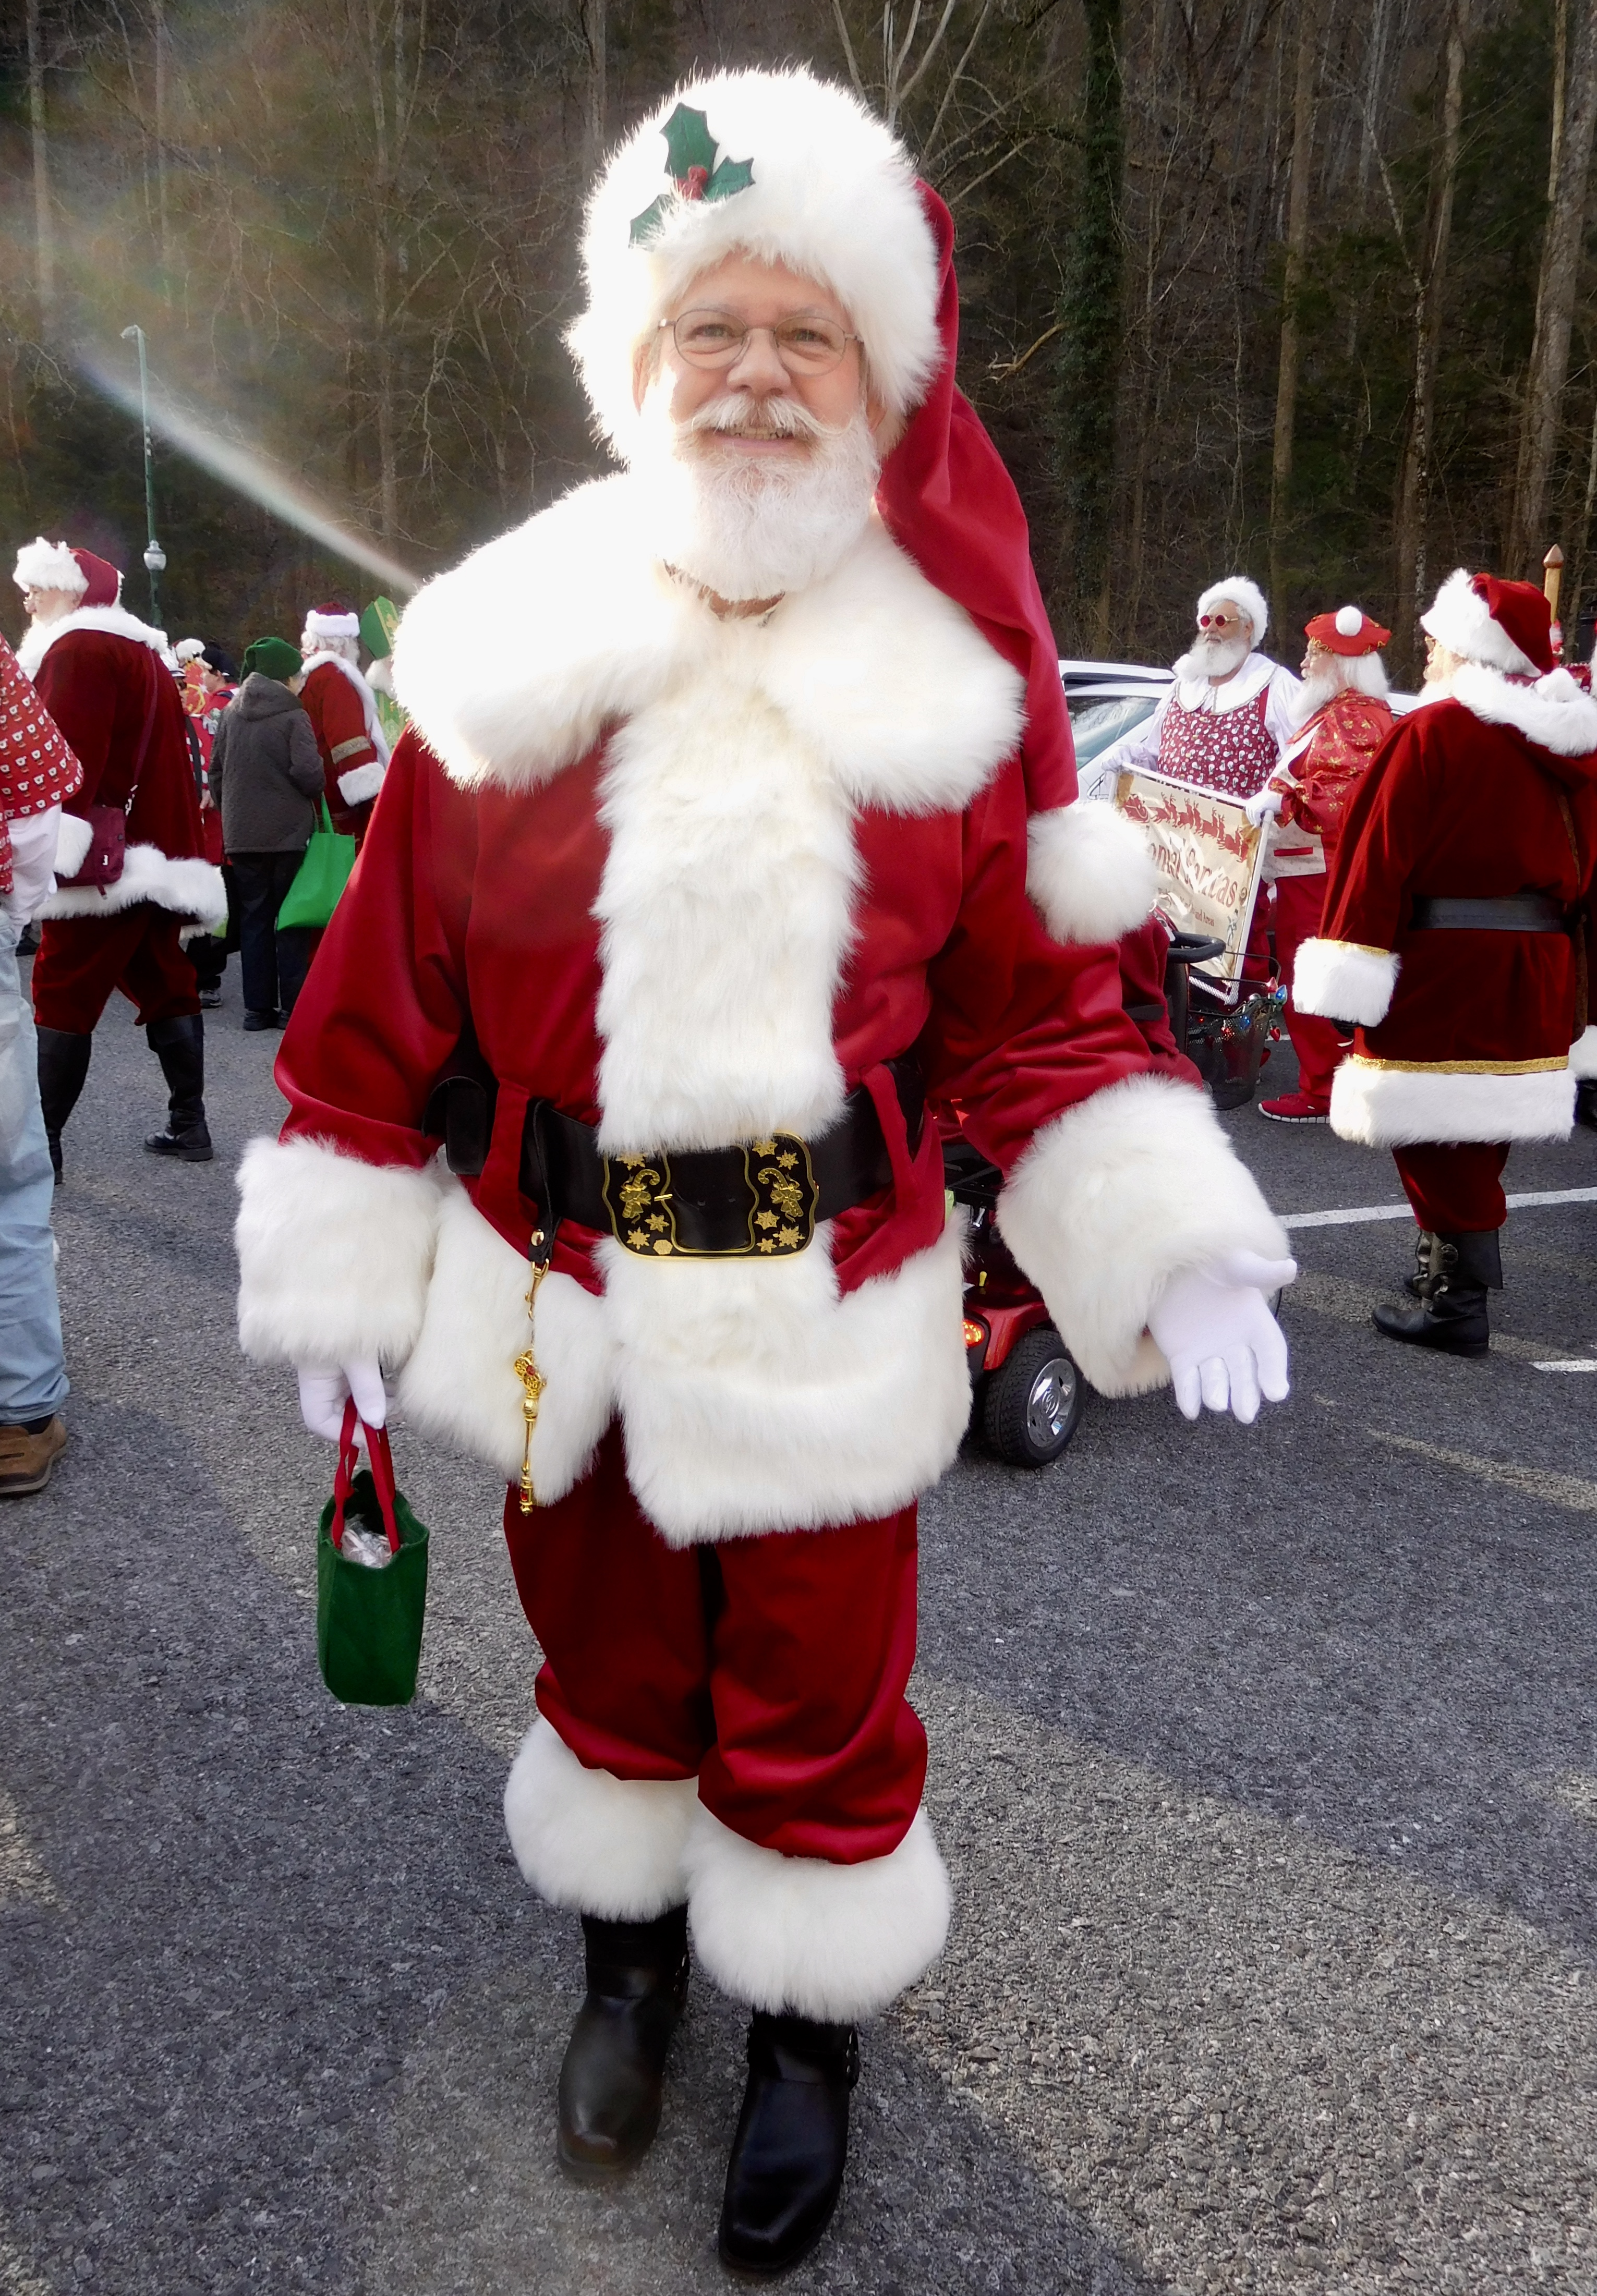 Santa loves parades!